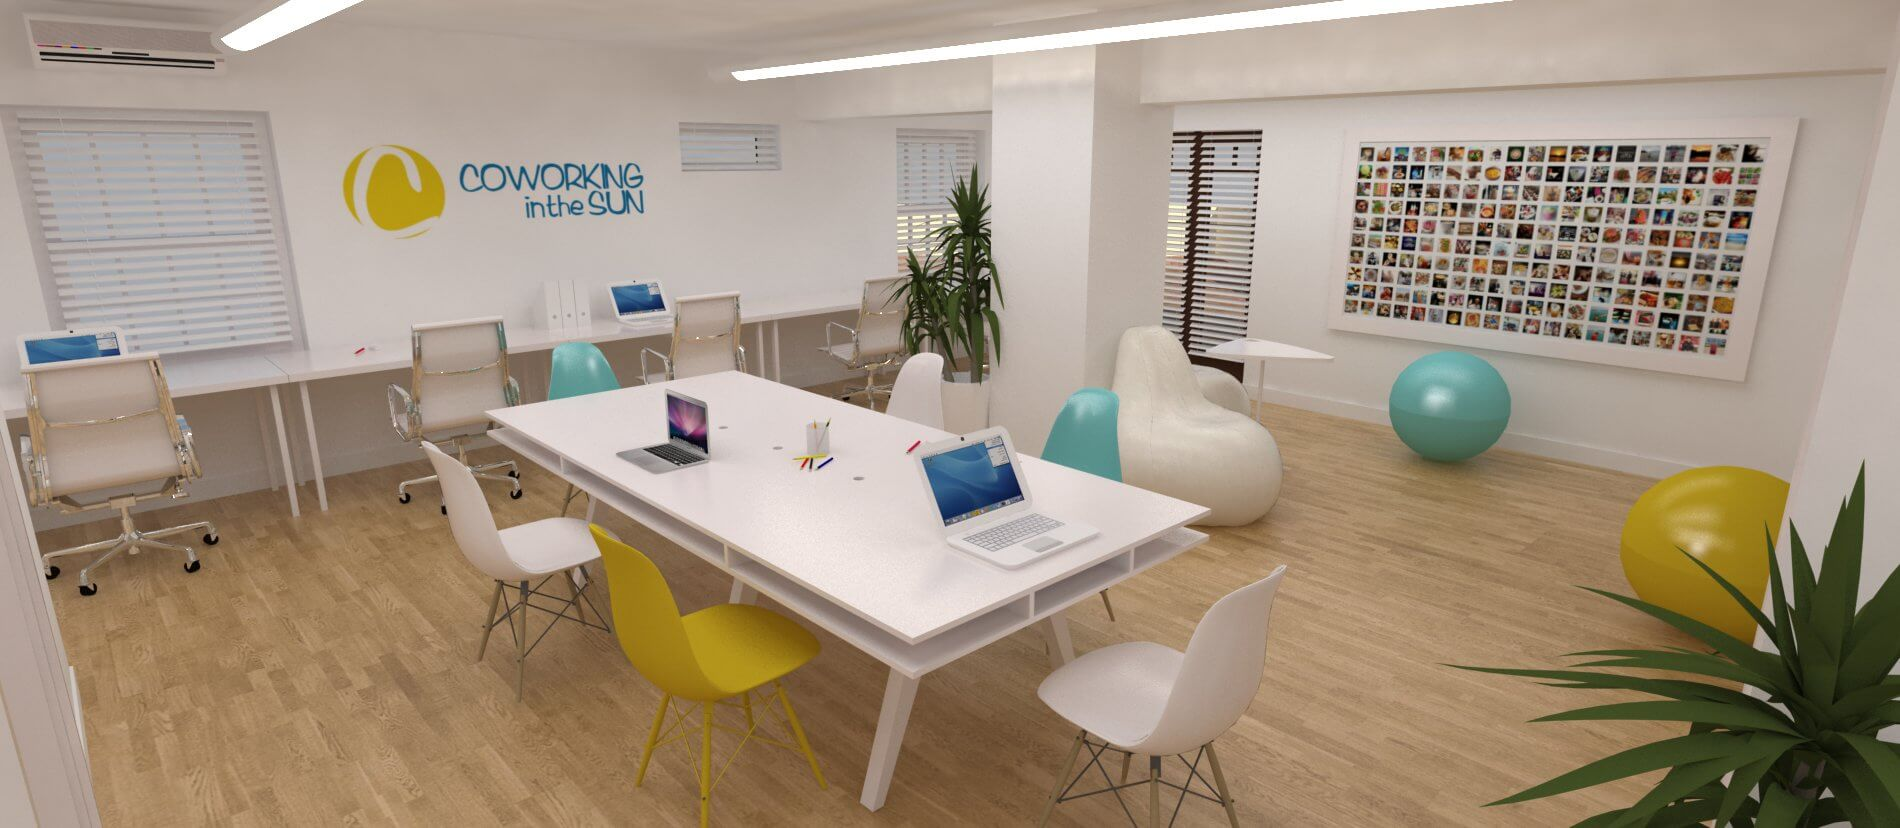 Coworking space adeje 1 cuadrados estudio - Diseno tenerife ...